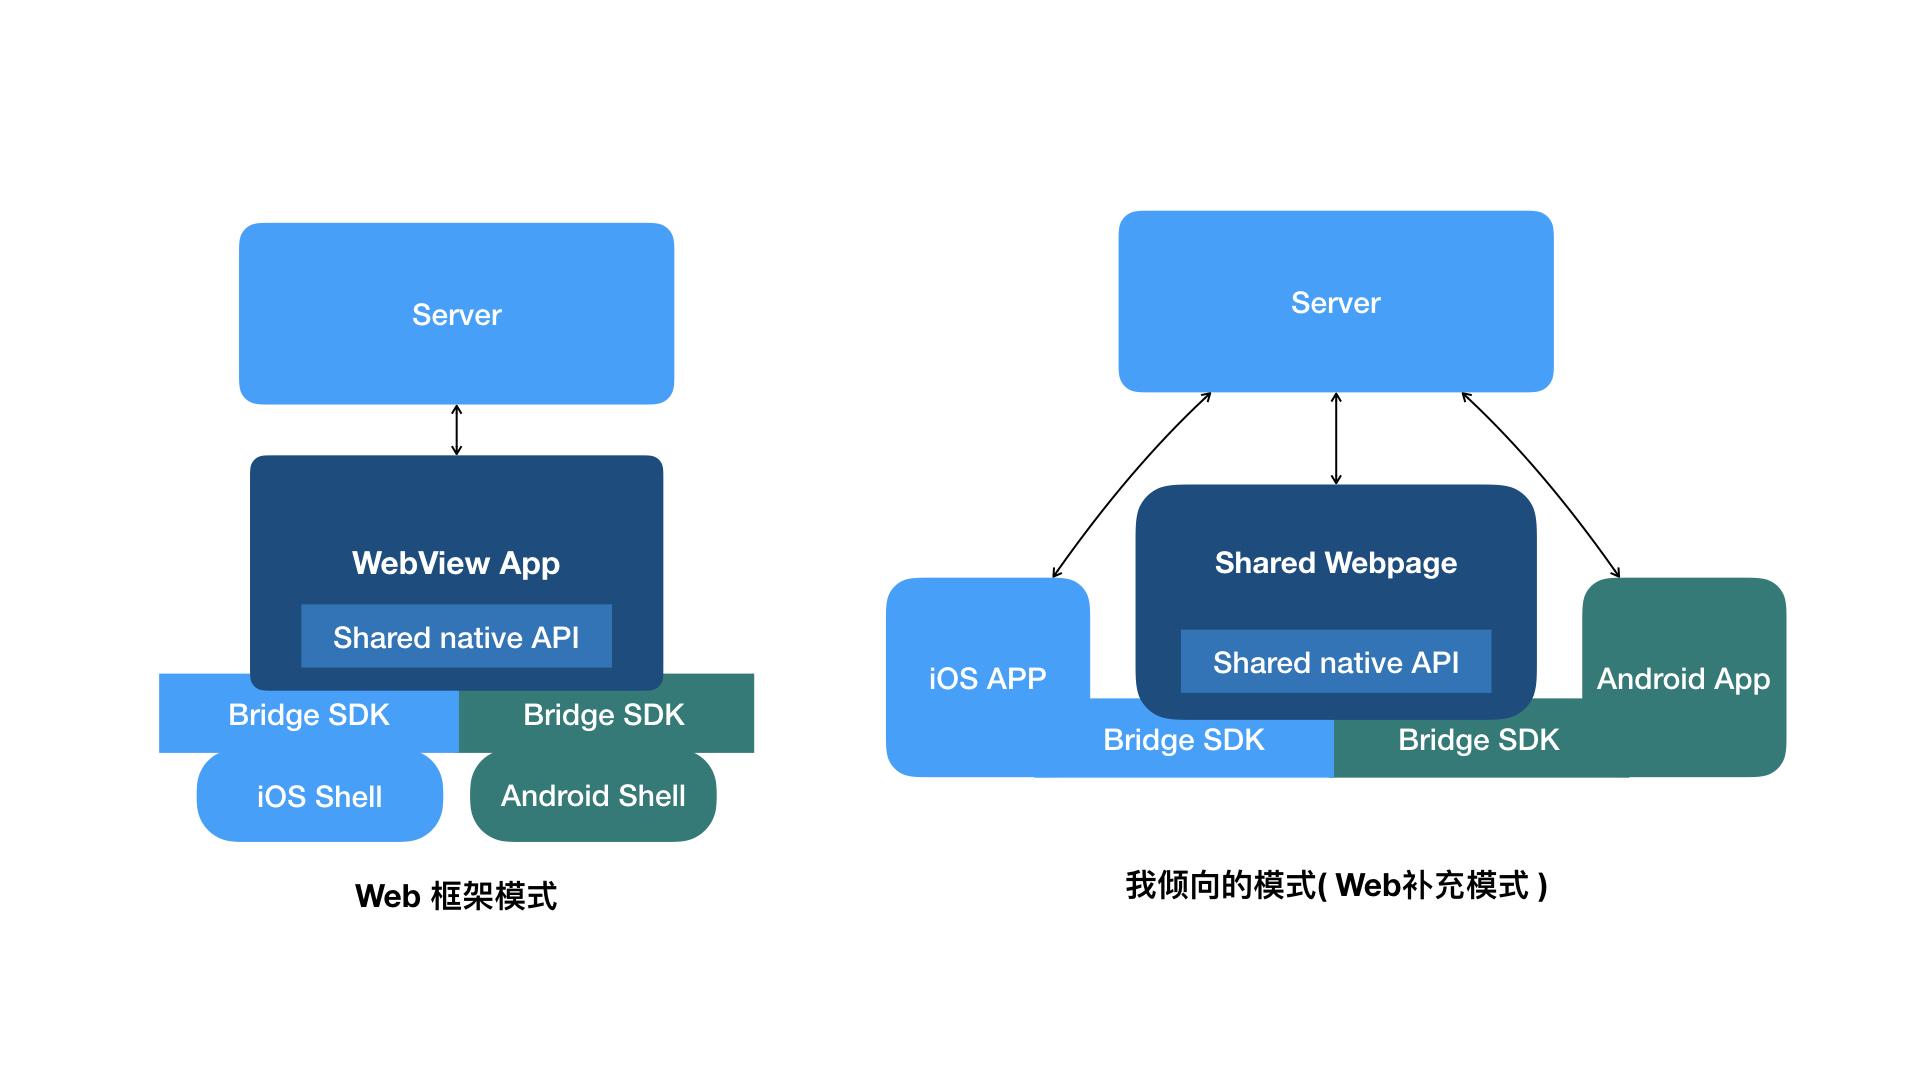 跨平台开发图示2